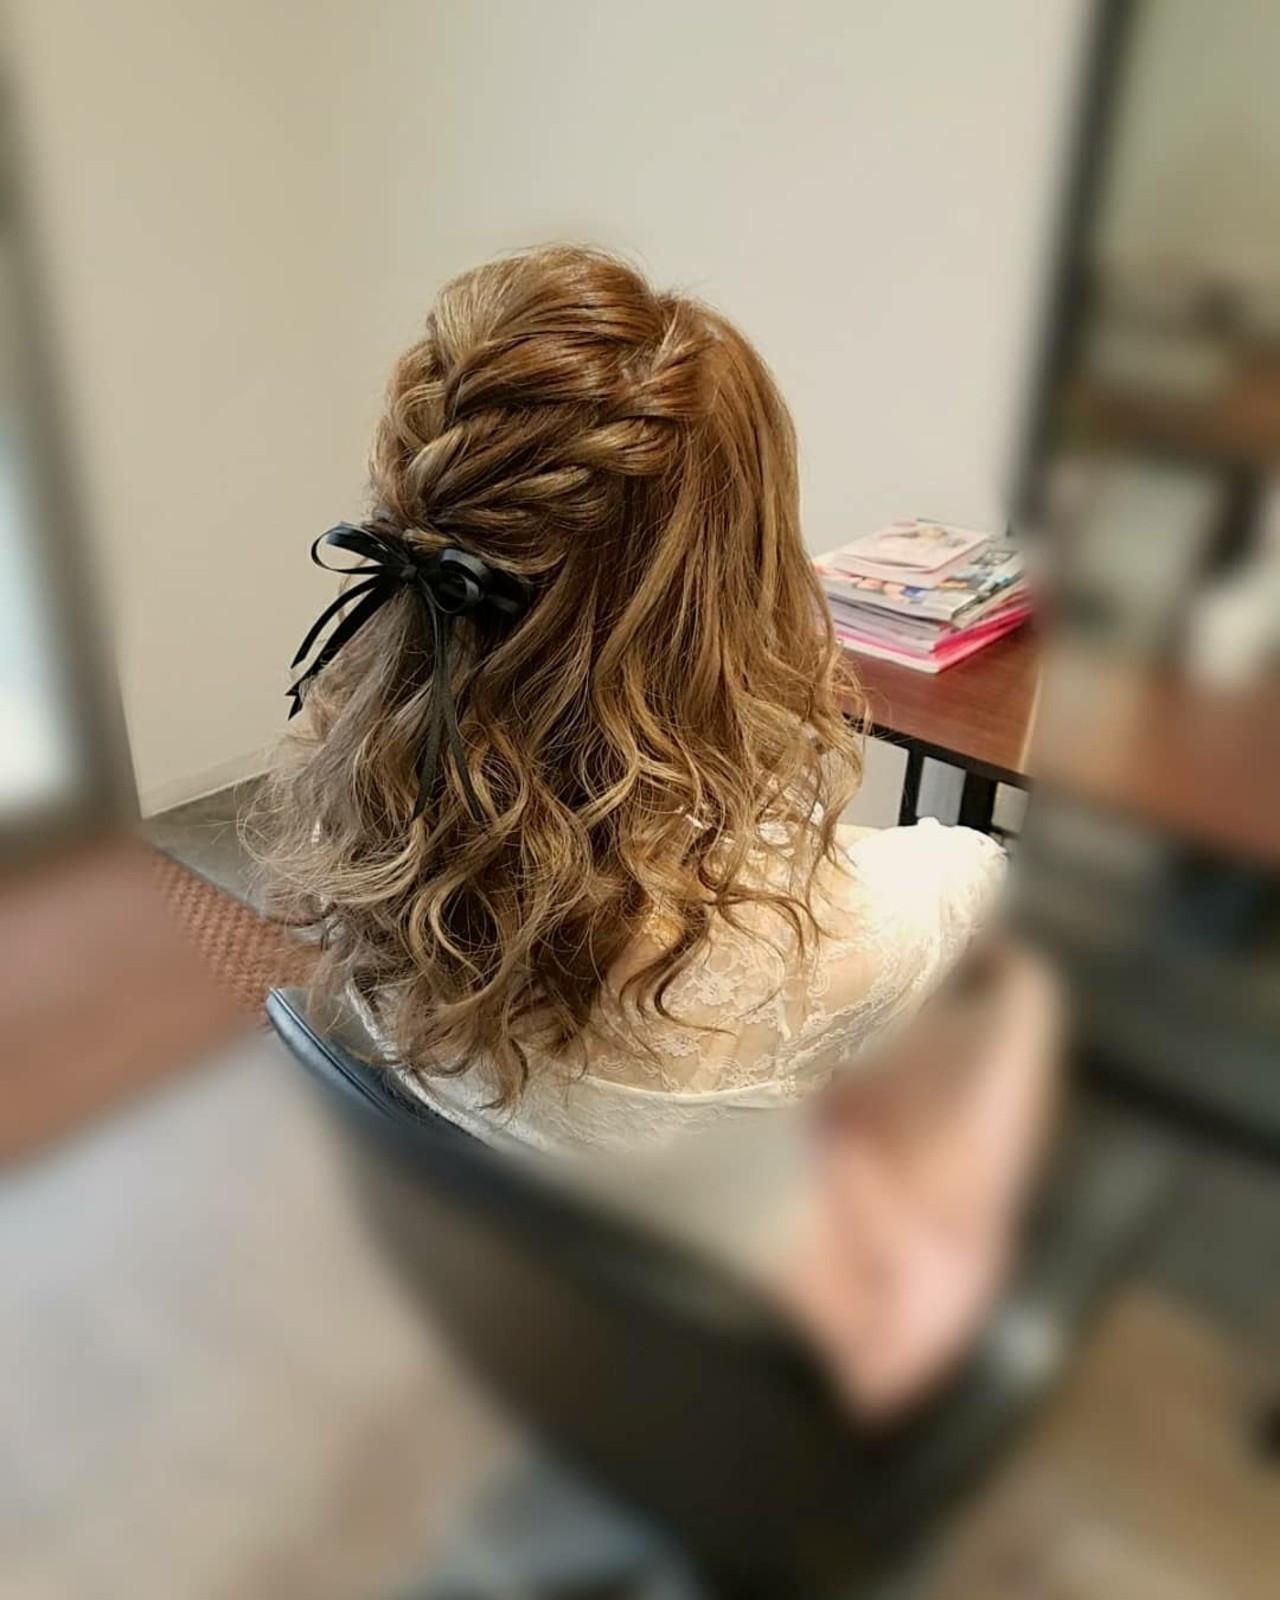 ガーリー セミロング ハーフアップ ヘアスタイルや髪型の写真・画像